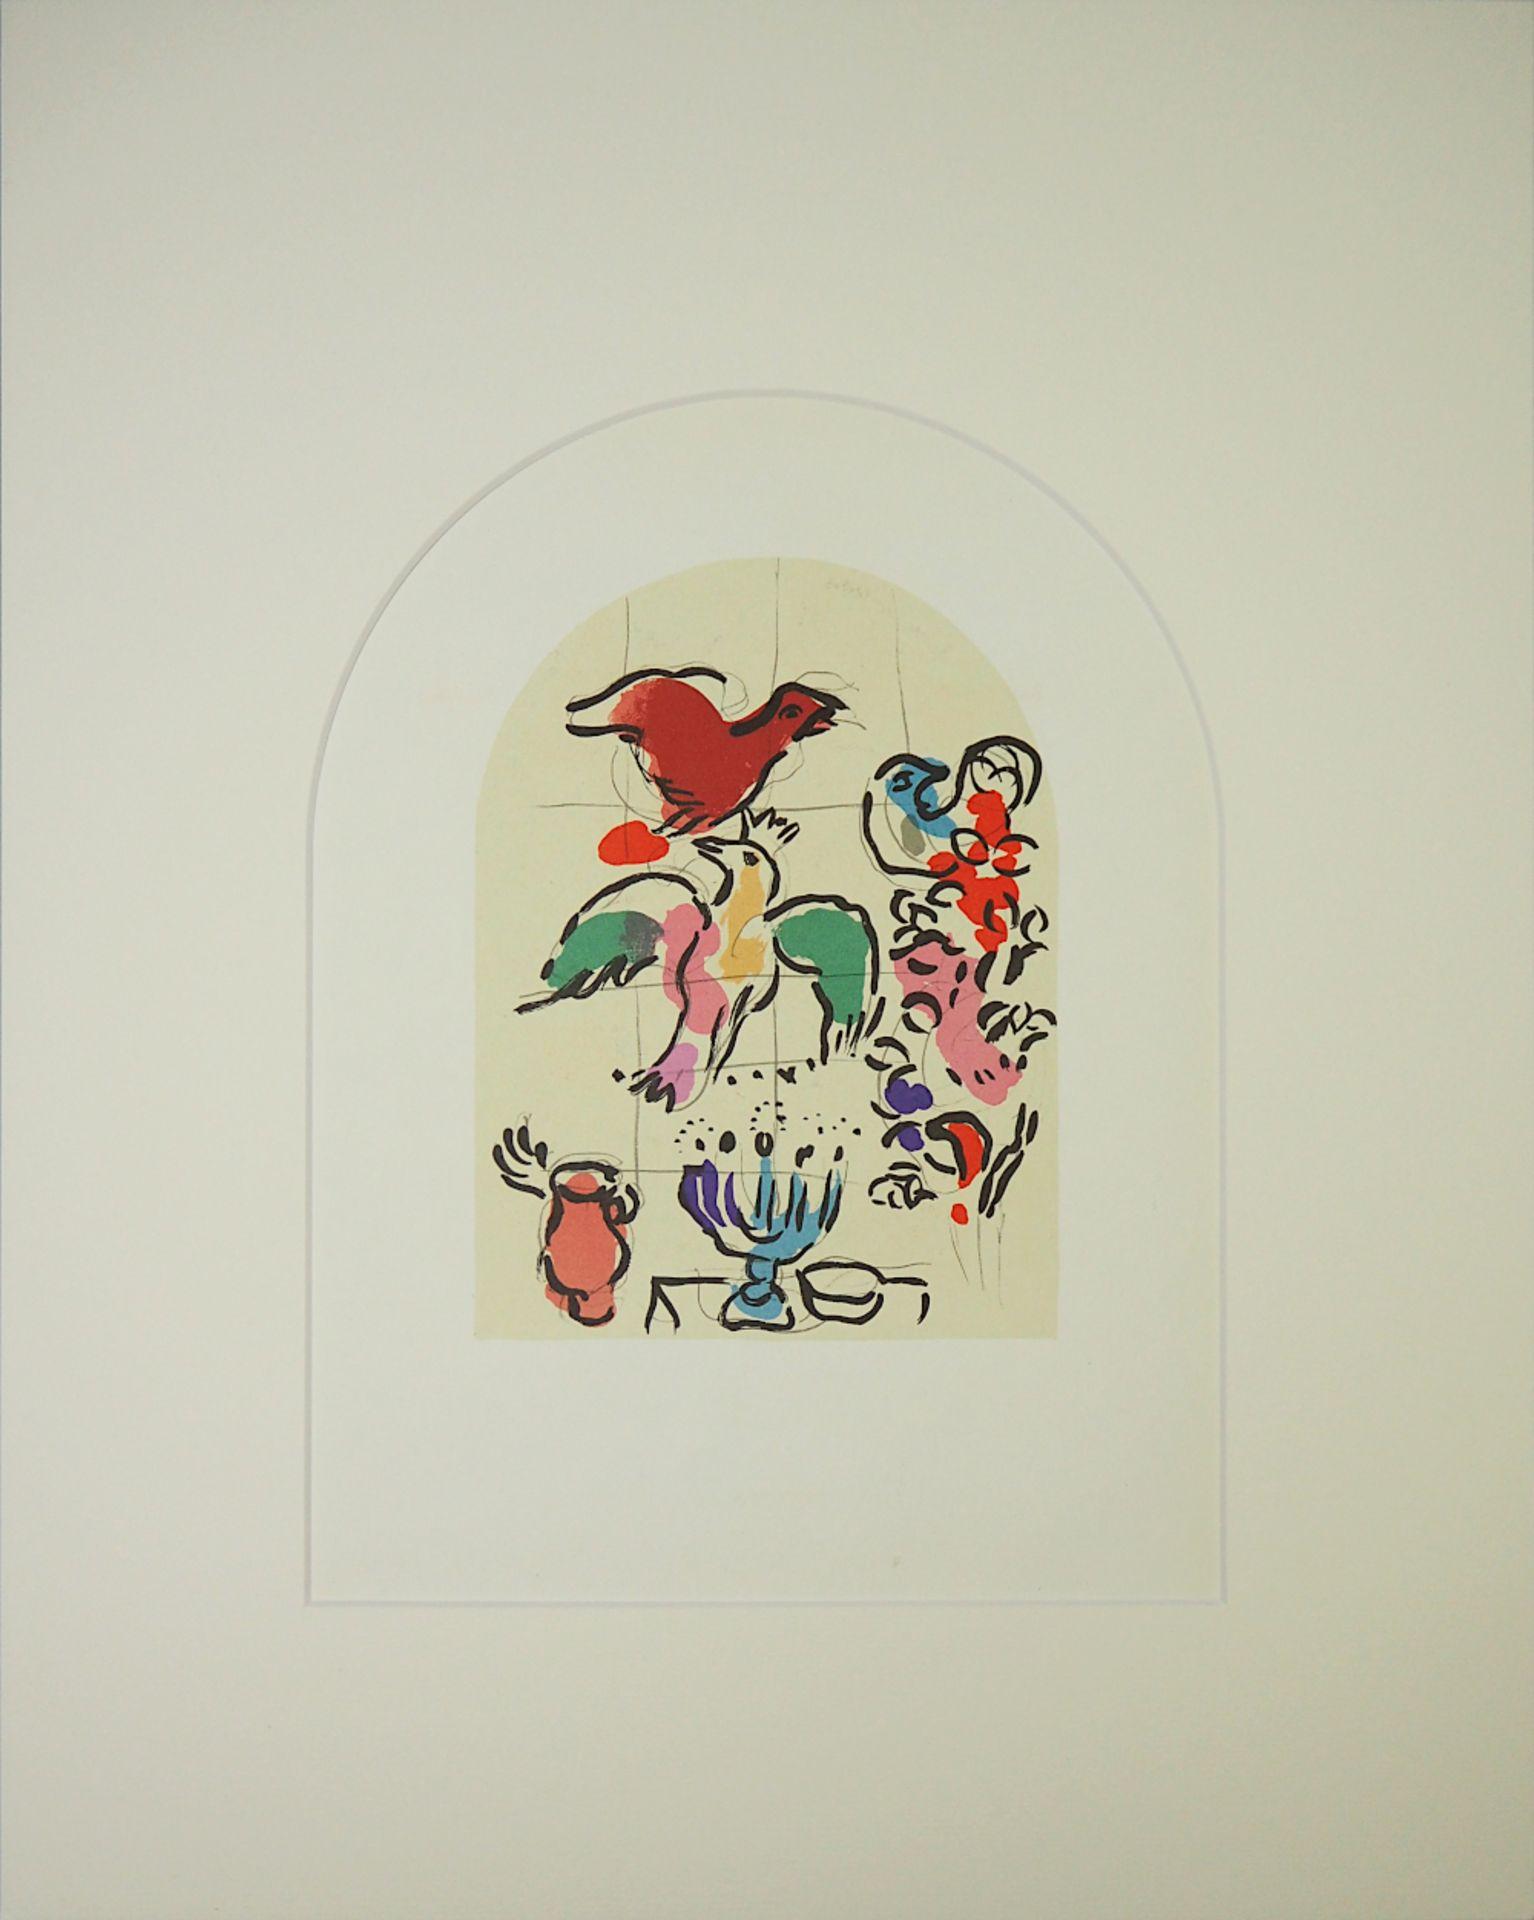 """2 Farblithographien """"Jerusalemer Fenster"""" zugeschr. Marc CHAGALL (wohl 1887-1985) je m - Bild 2 aus 4"""